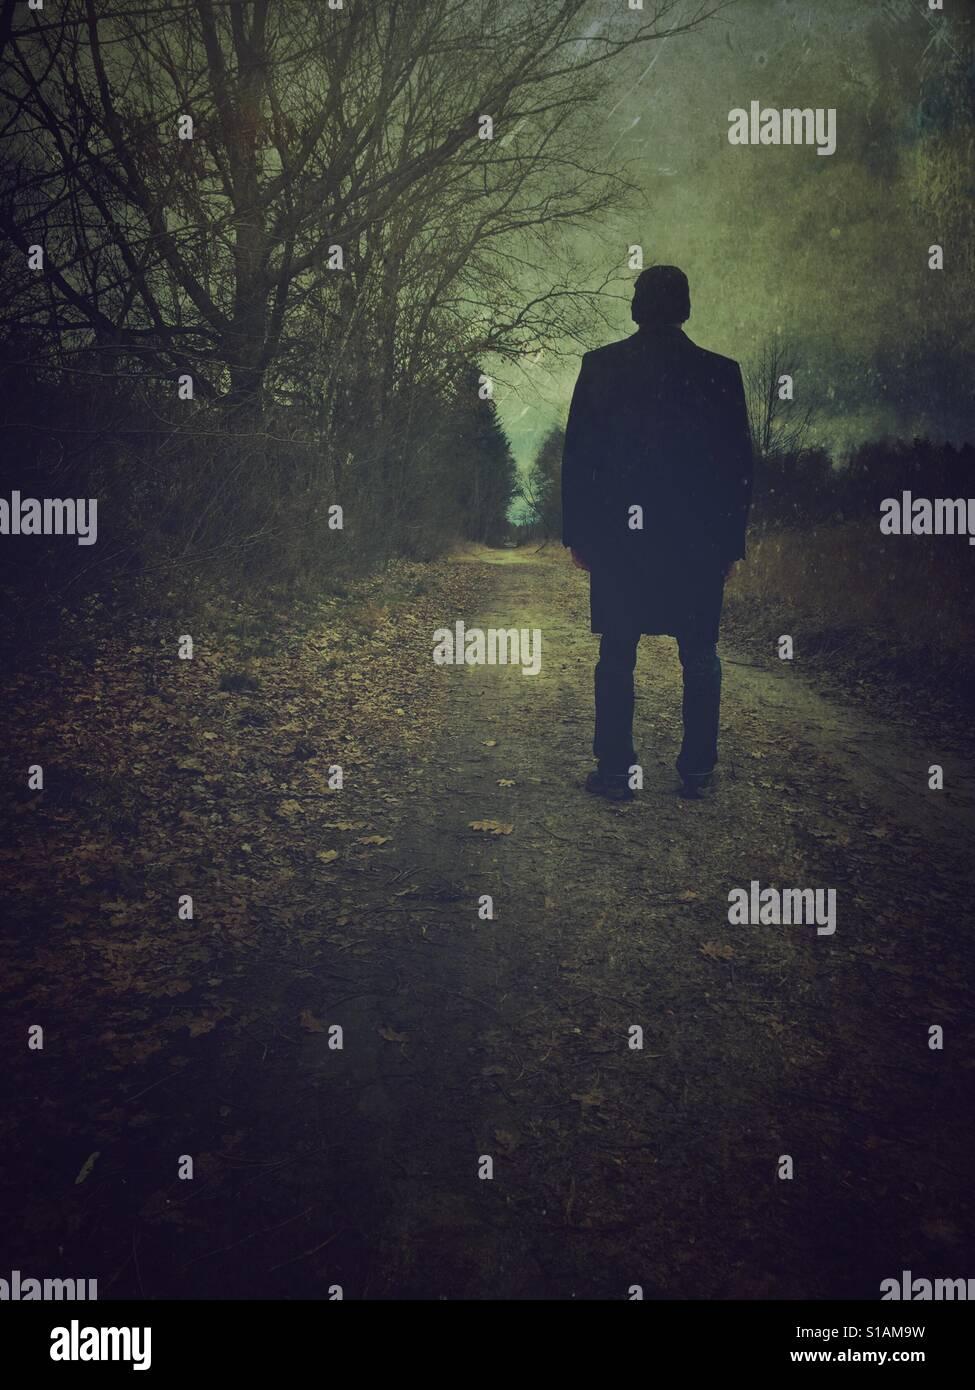 Rückansicht eines Mannes mit einem Mantel stehen auf einer Land-Straße Stockfoto